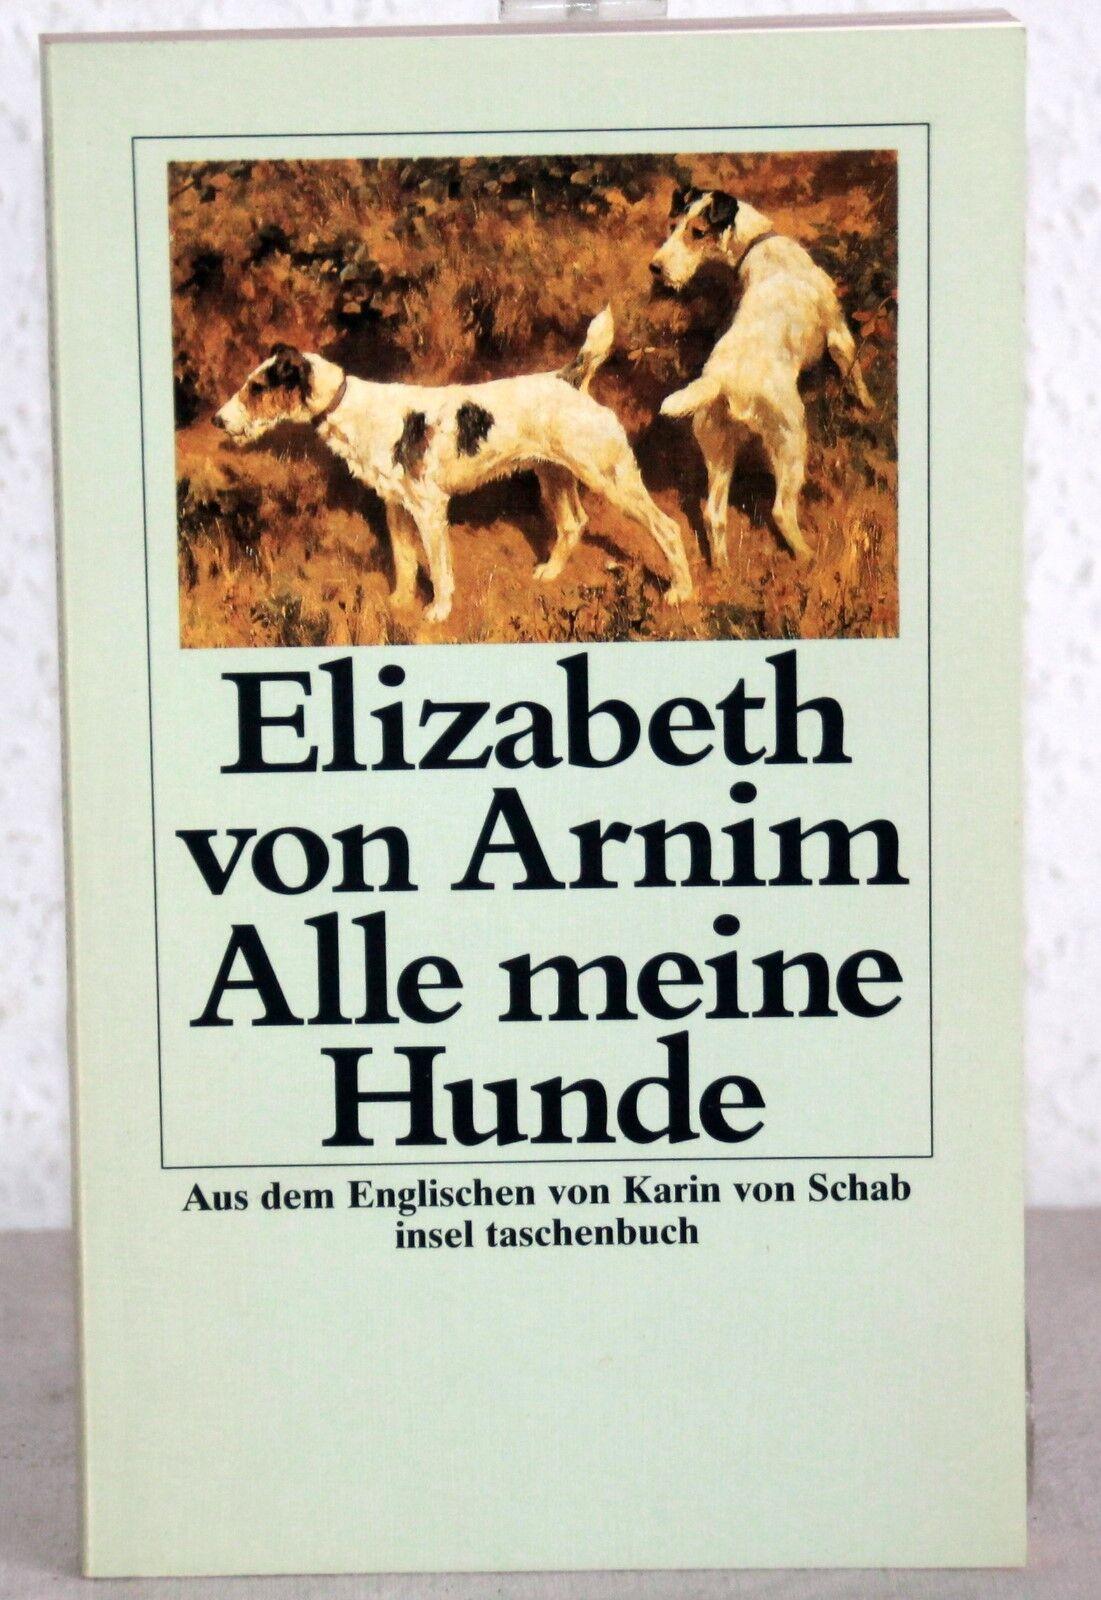 Elizabeth von Arnim - ALLE MEINE HUNDE